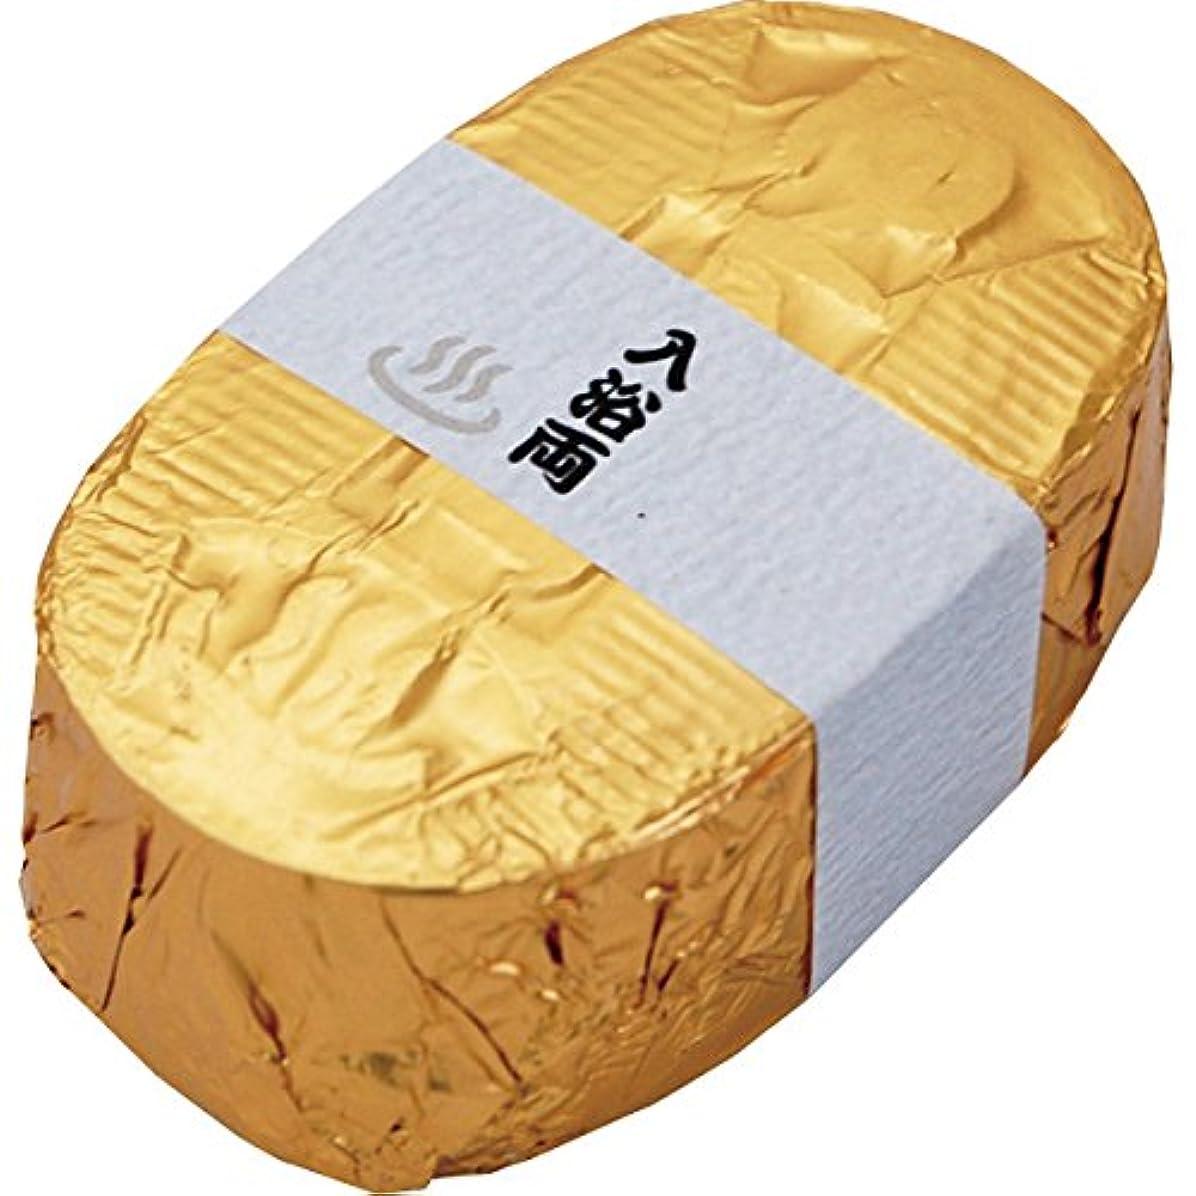 五洲薬品(株) 小判型バスボム 入浴両 80g